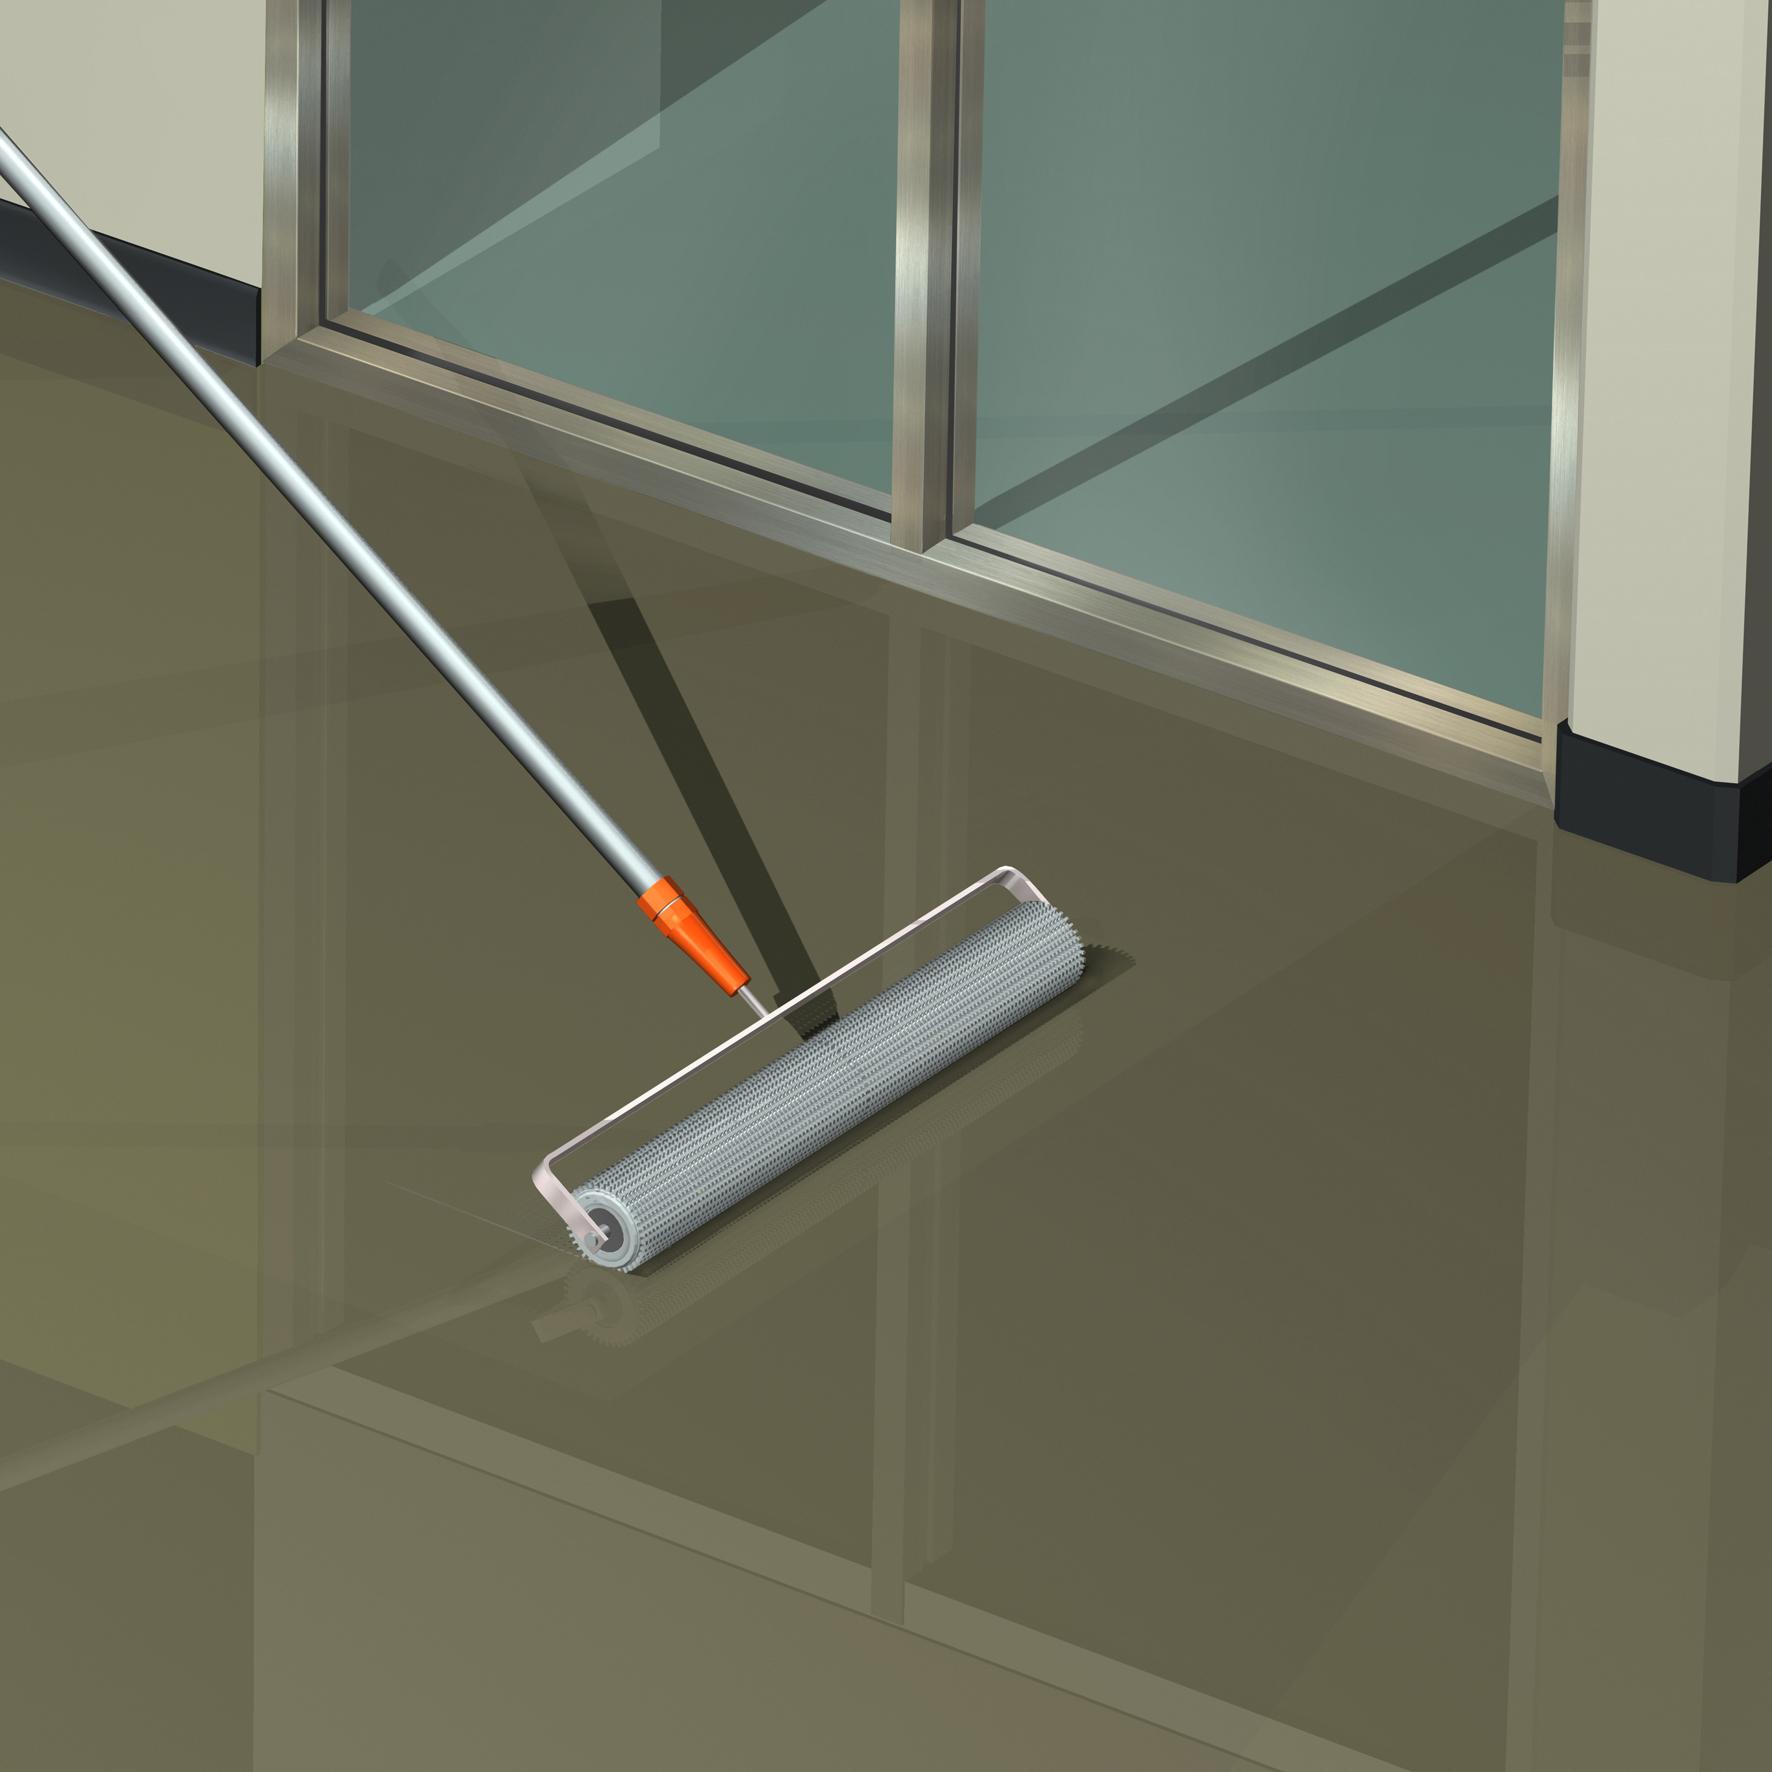 Mortar epoxidic cimentos pentru sape autonivelante - Aplicare SIKA - Poza 3